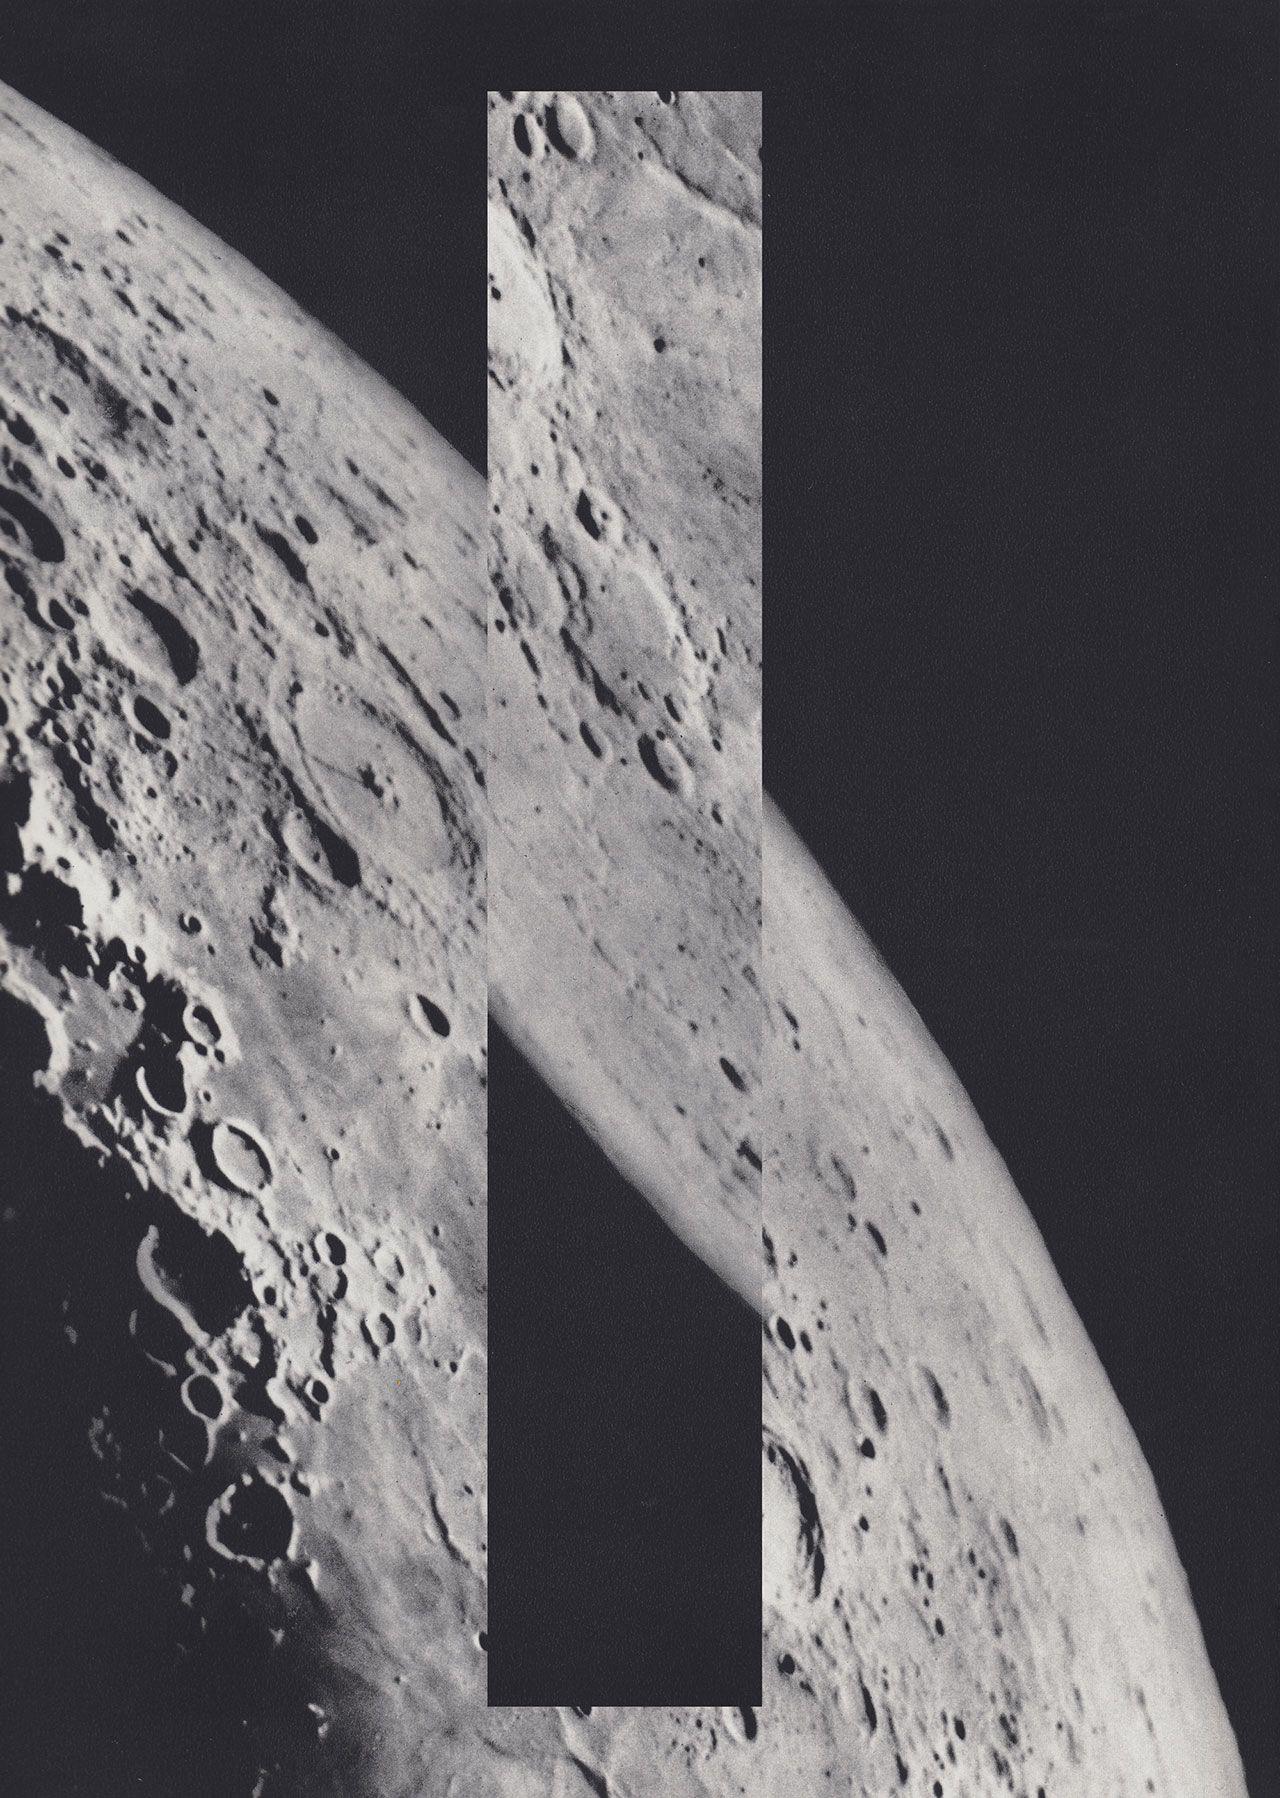 Moons series Isolation#1 35x50cm © Luis Dourado.